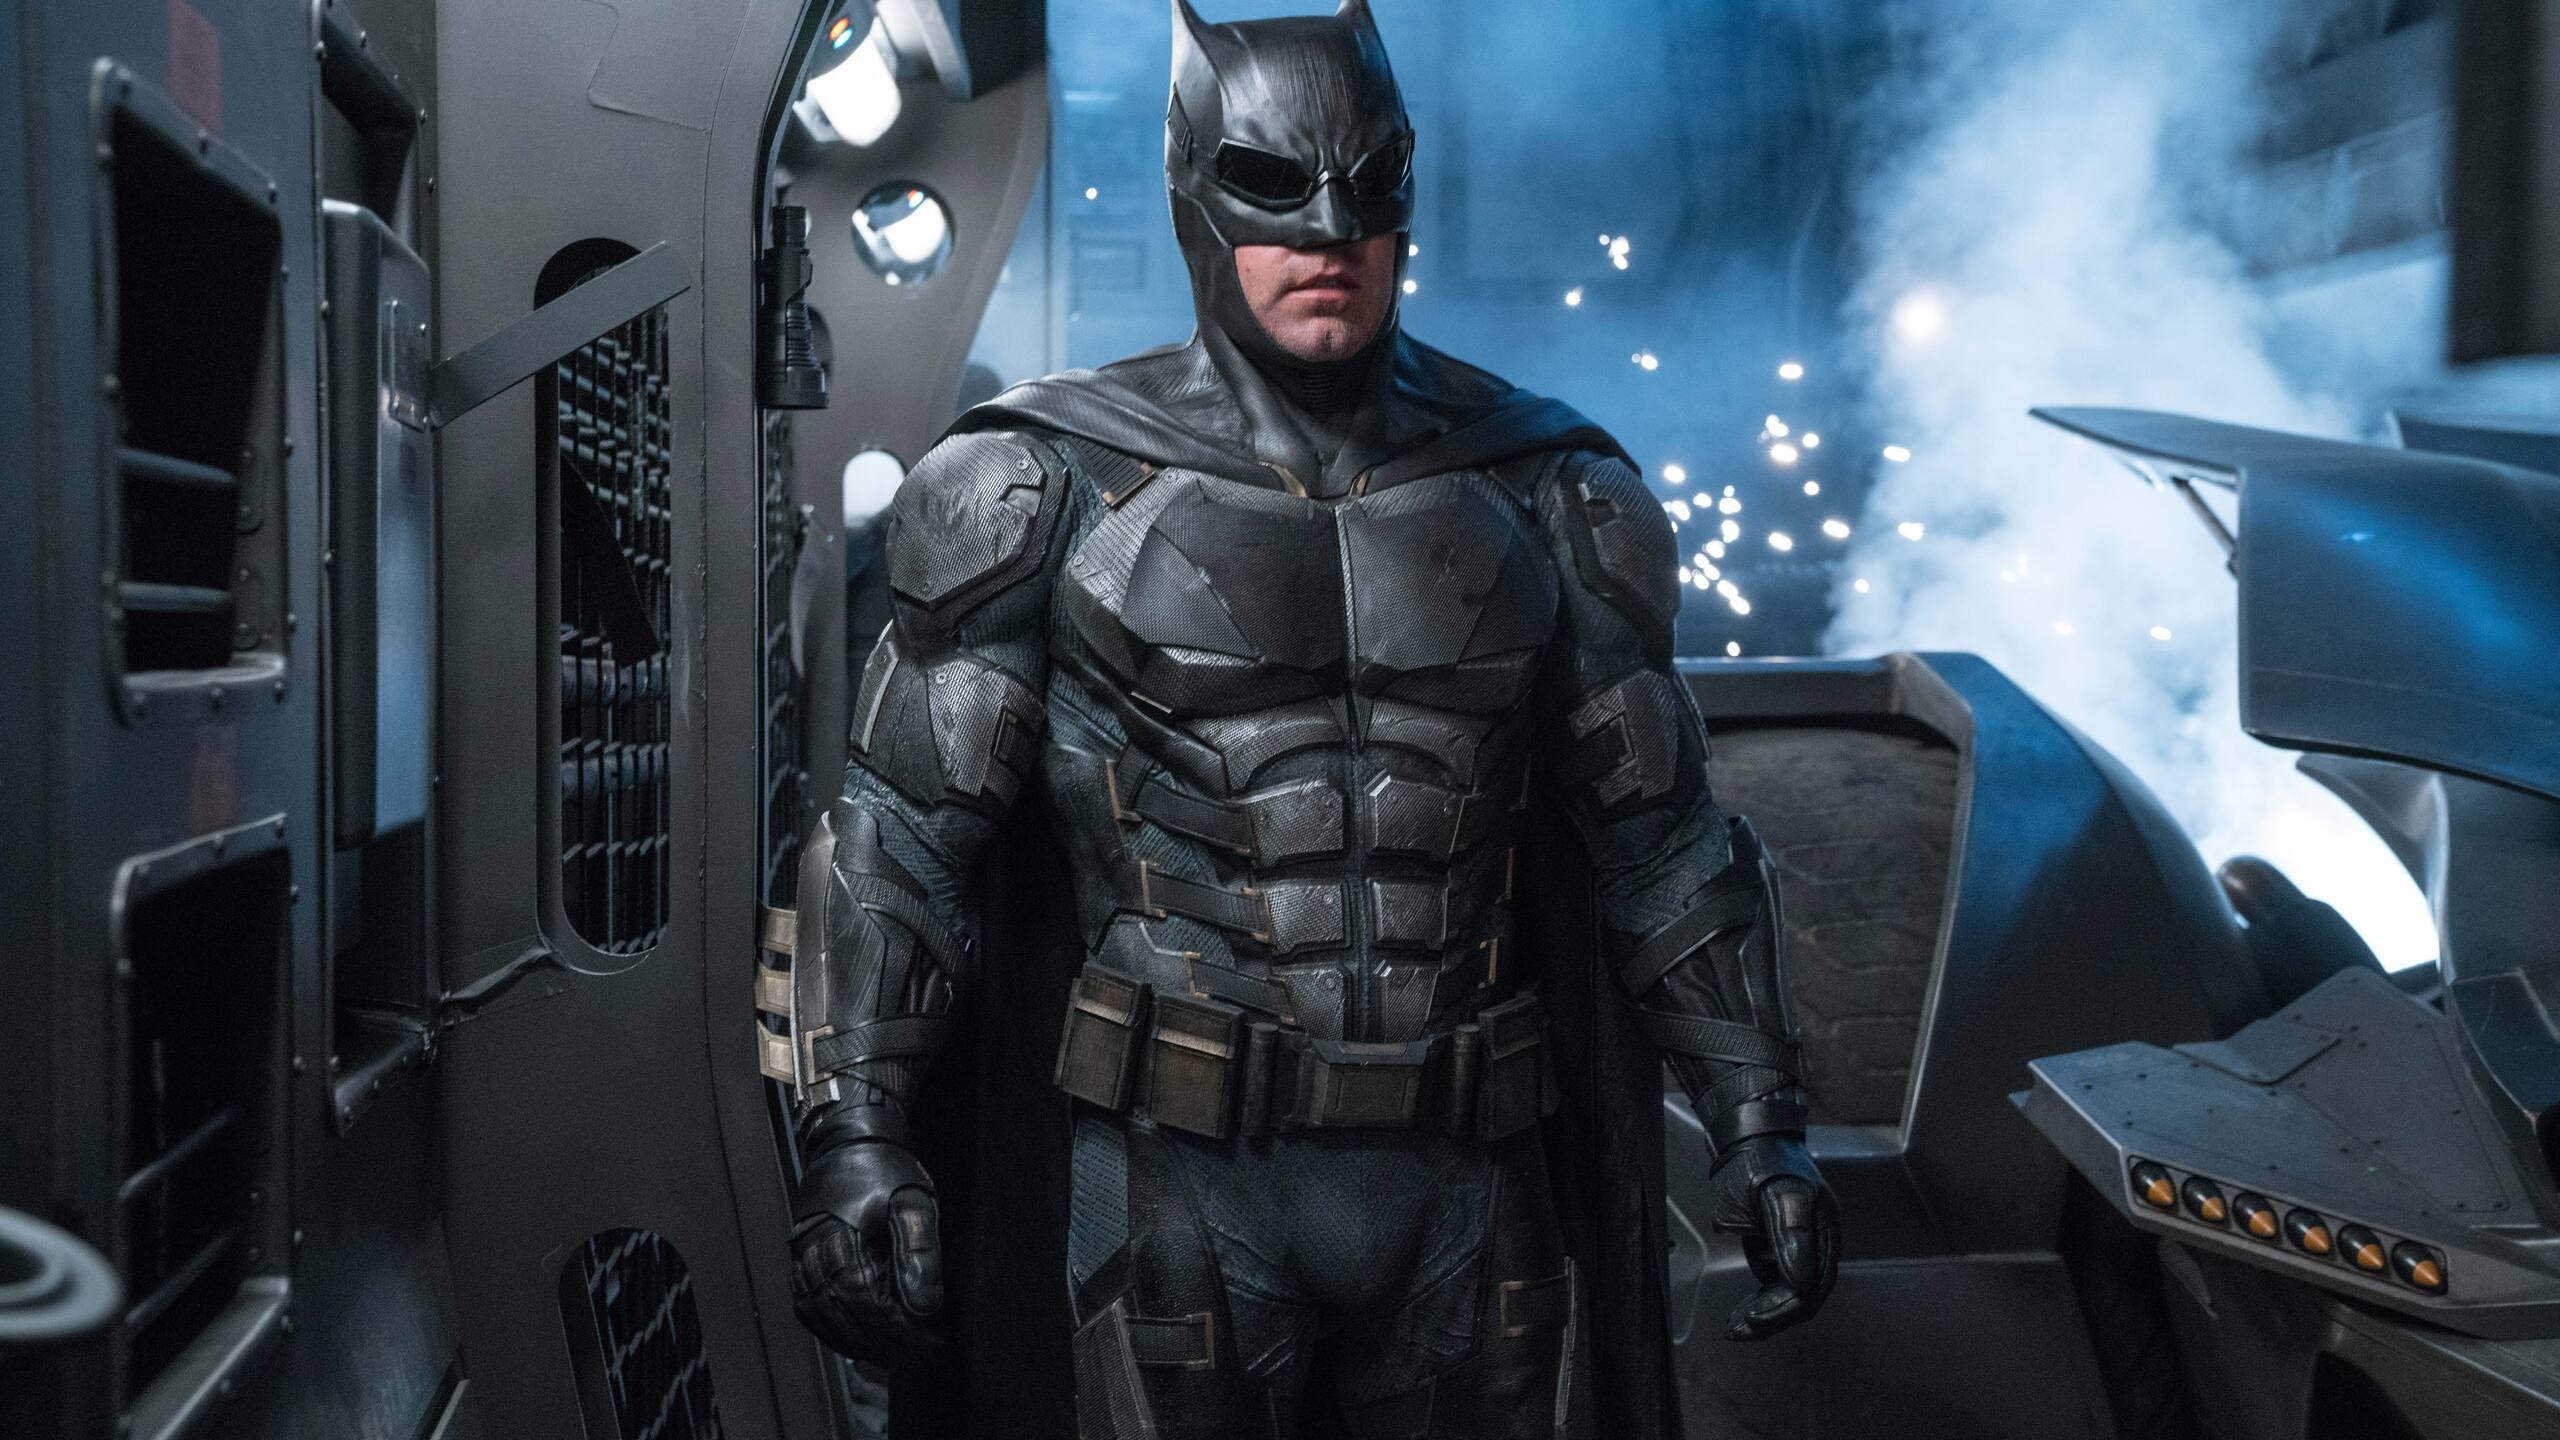 2560x1440 ben affleck as batman in justice league 8k 1440p - Ben affleck batman wallpaper ...